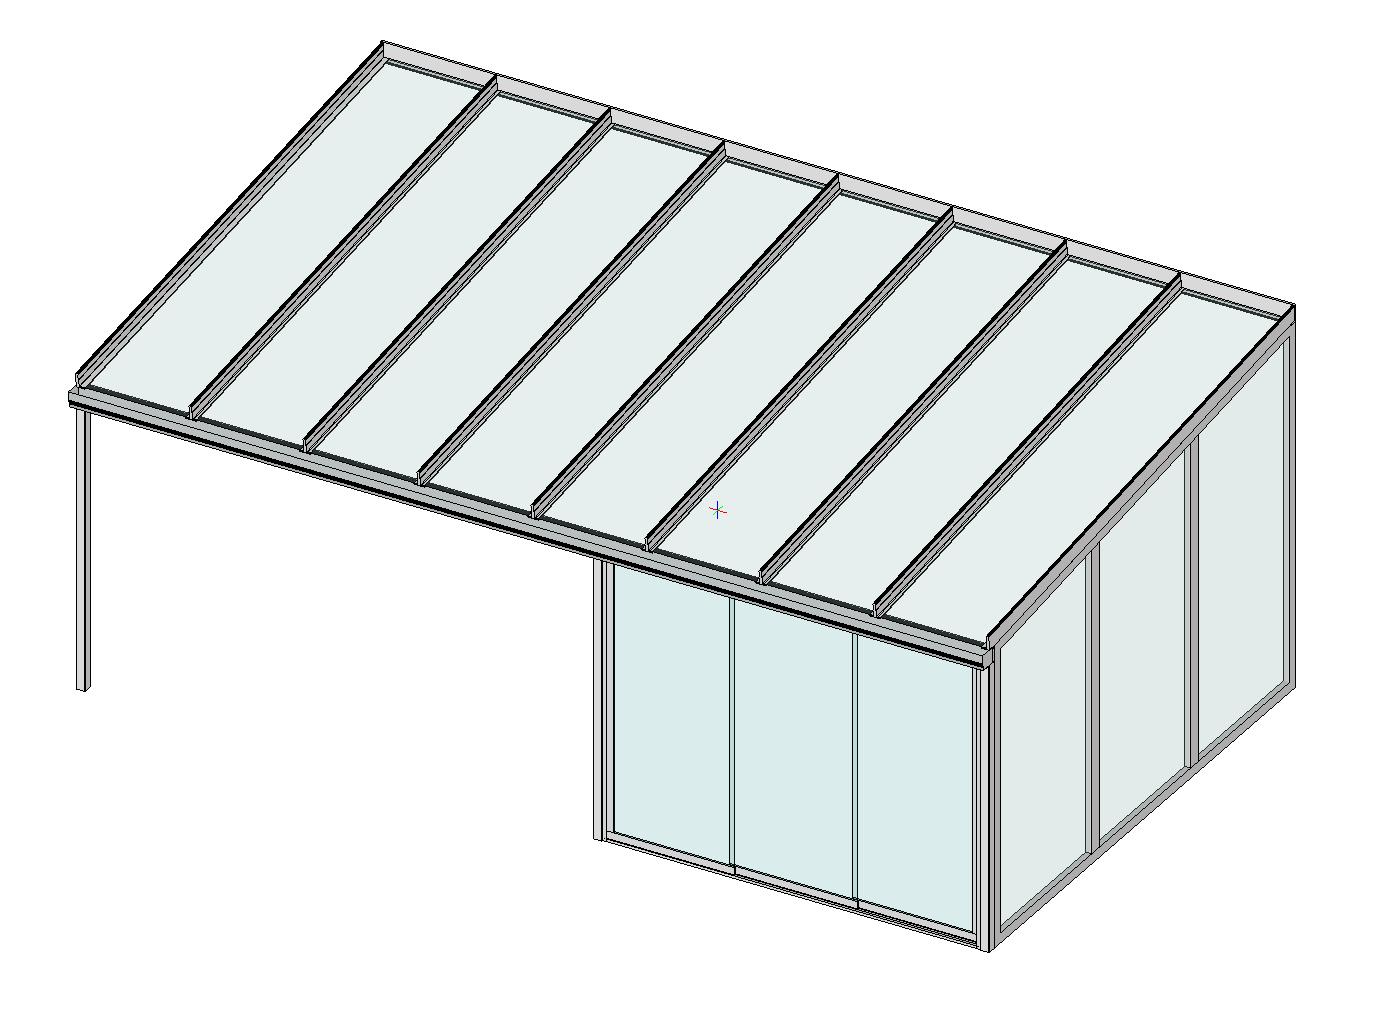 Terrassendach Classic-Line mit Festelement und Schiebeanalge